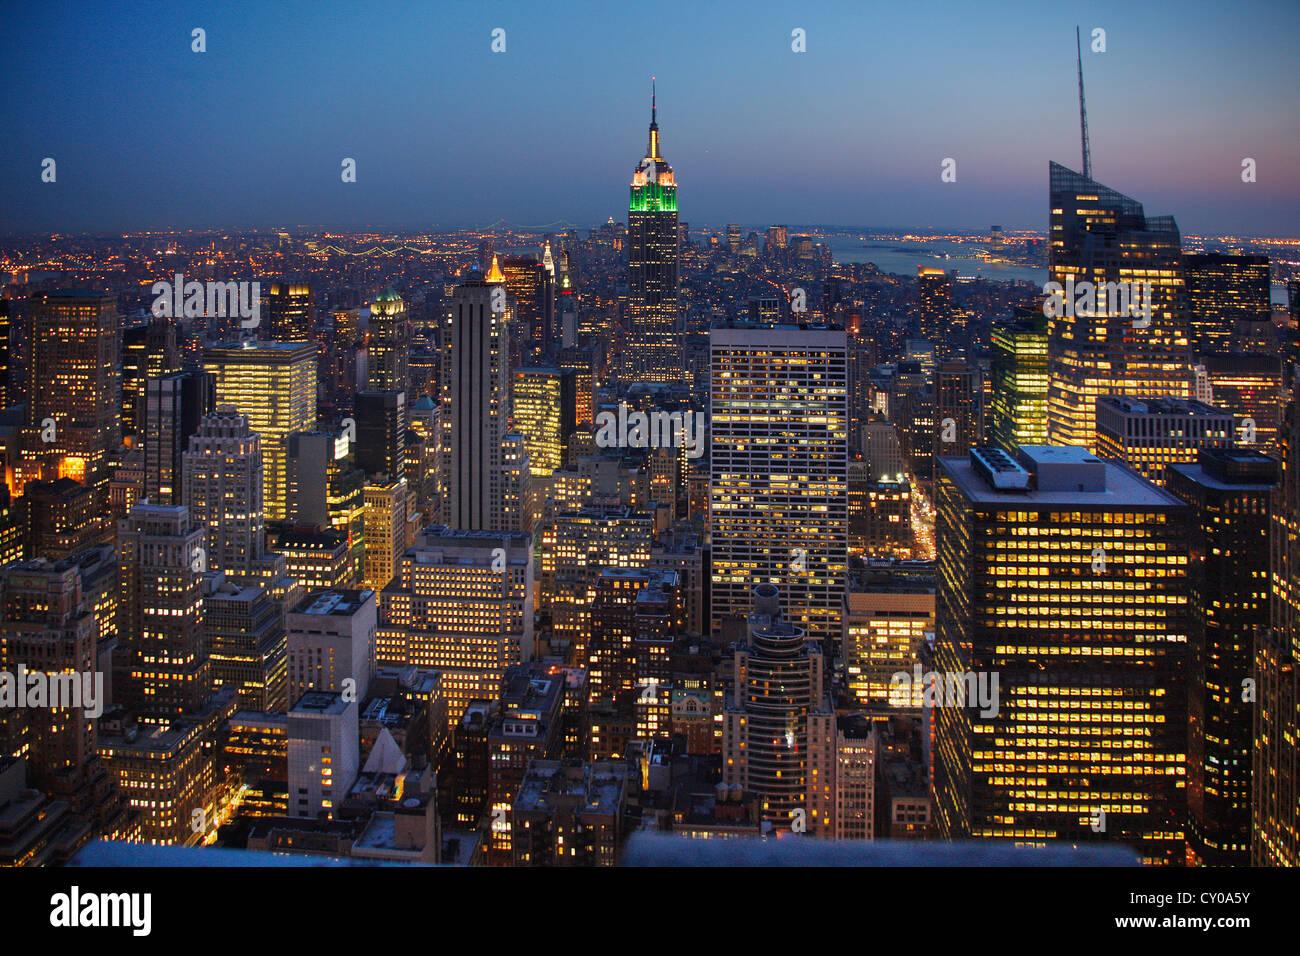 Vue depuis le Rockefeller Center sur la Big Apple au crépuscule, l'Empire State Building, New York City, Photo Stock